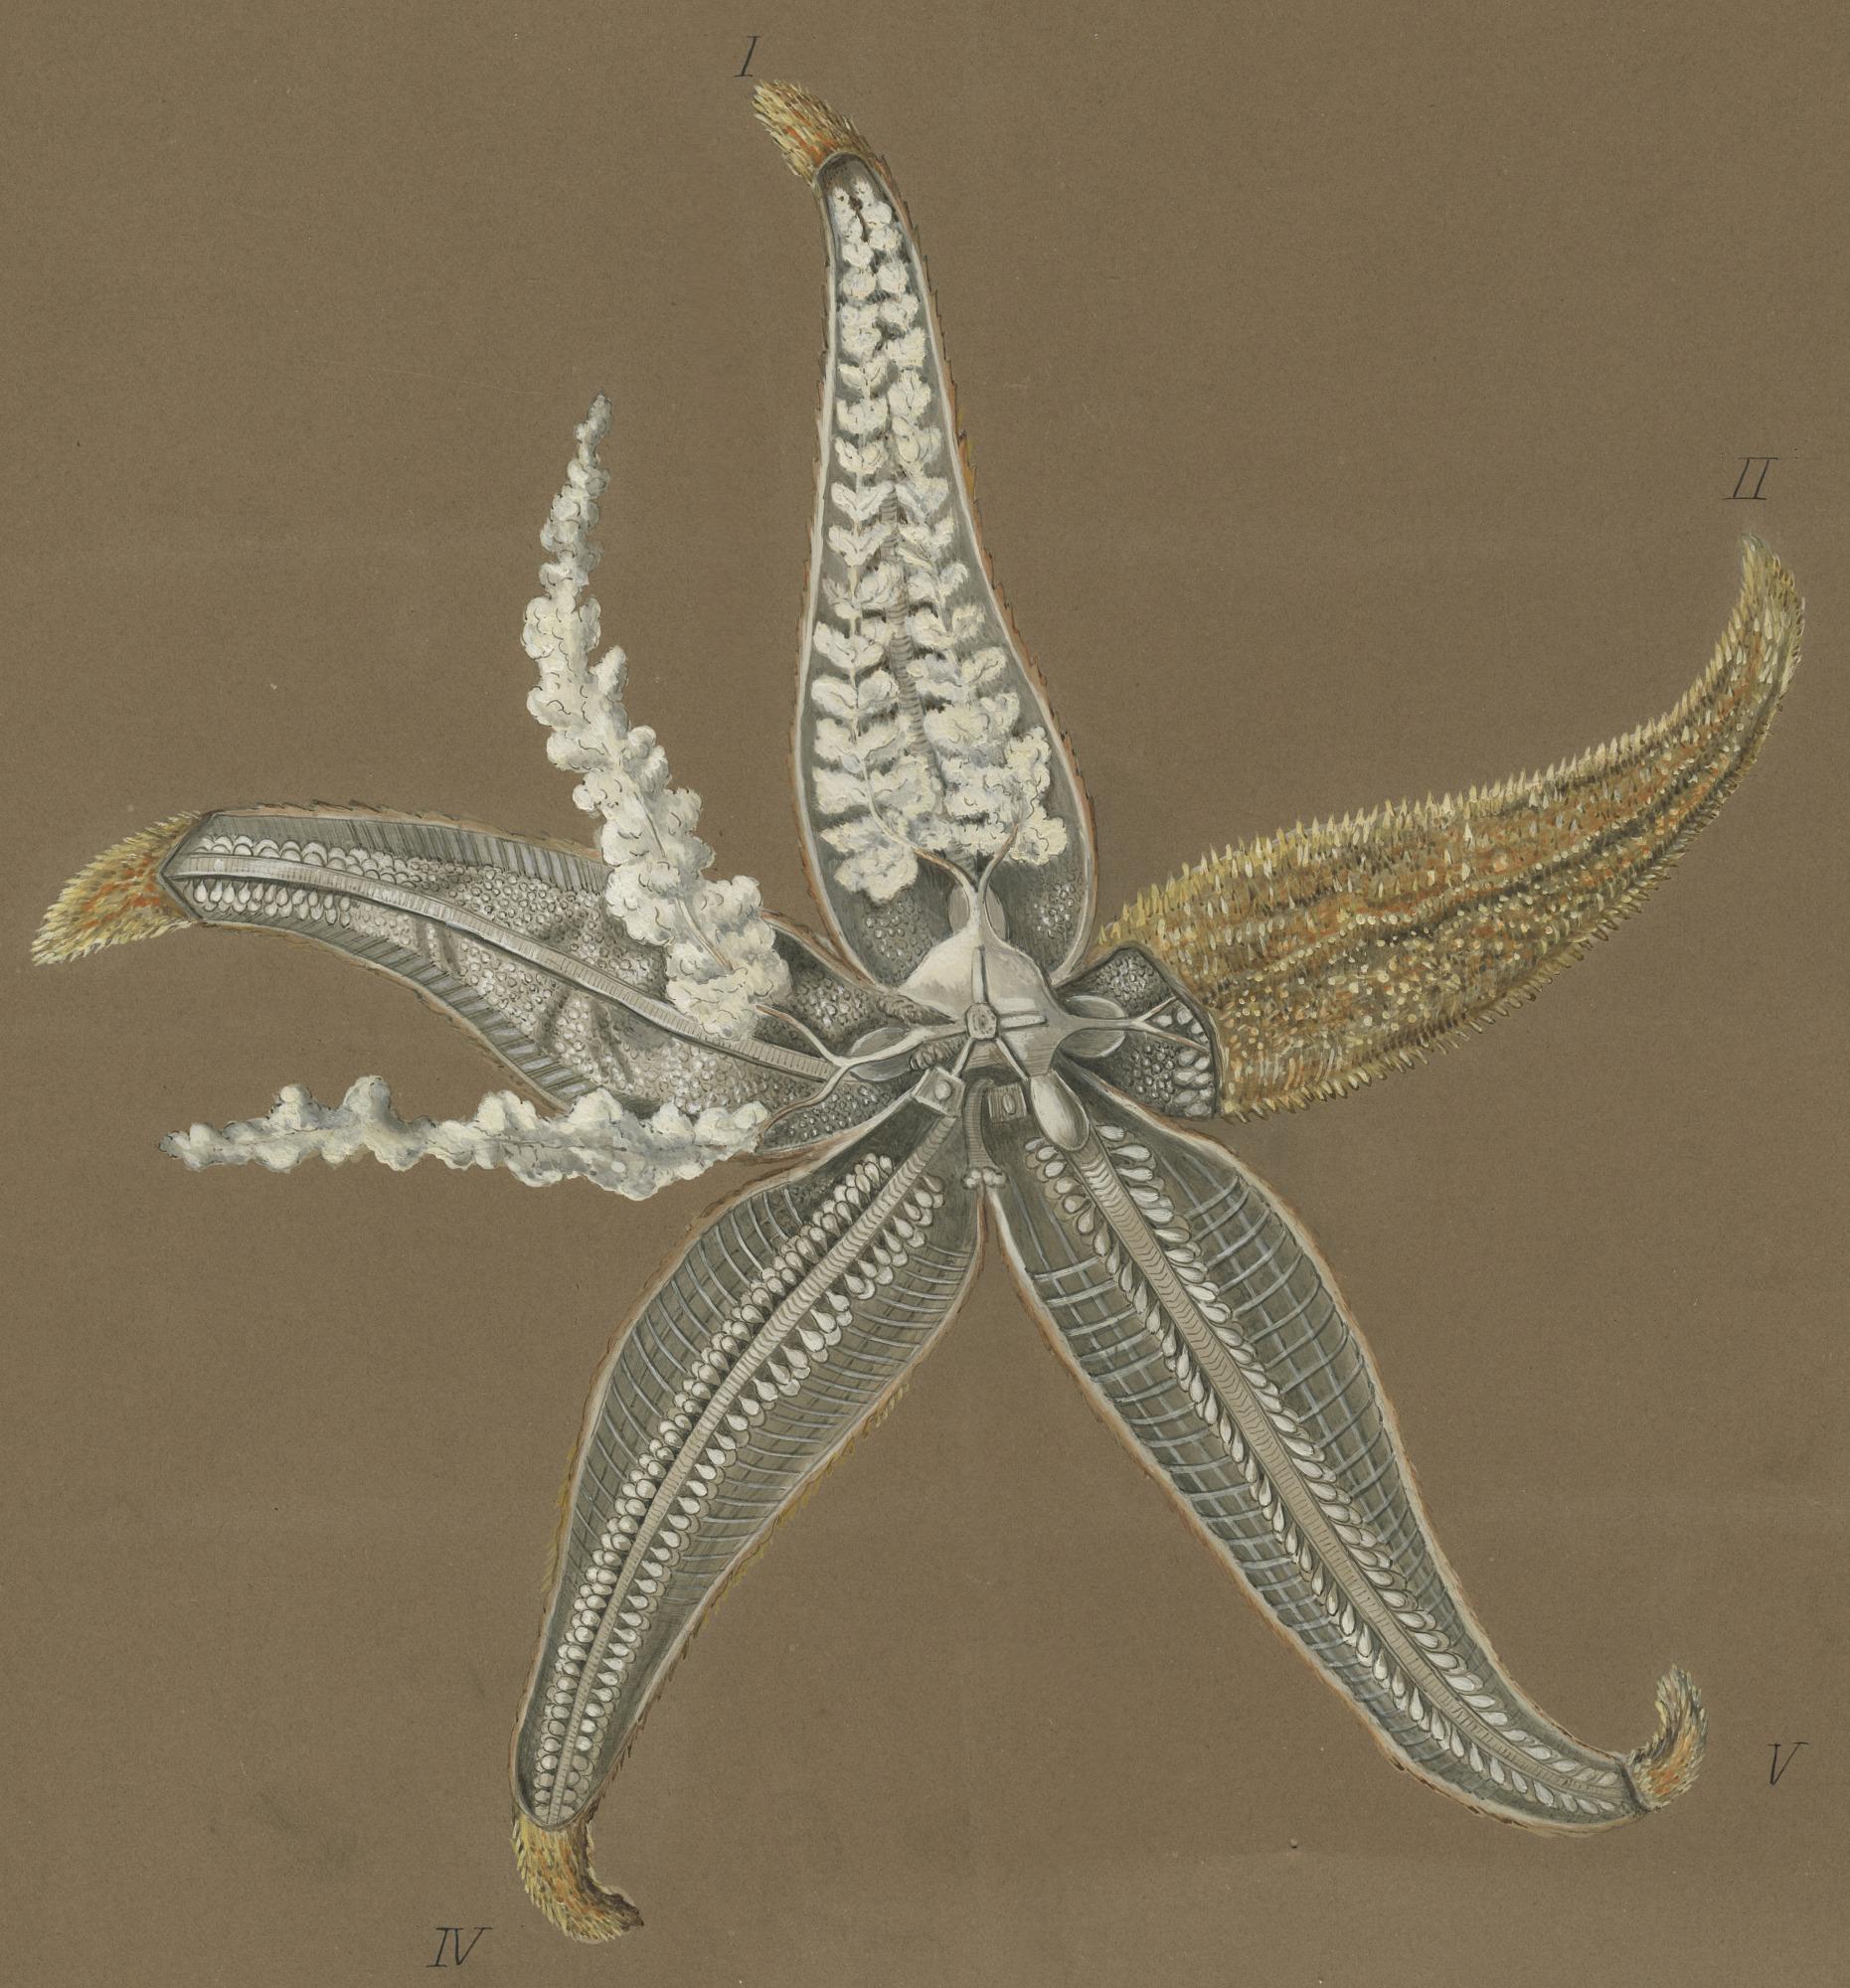 images for Asterias rubens Linnaeus, 1758